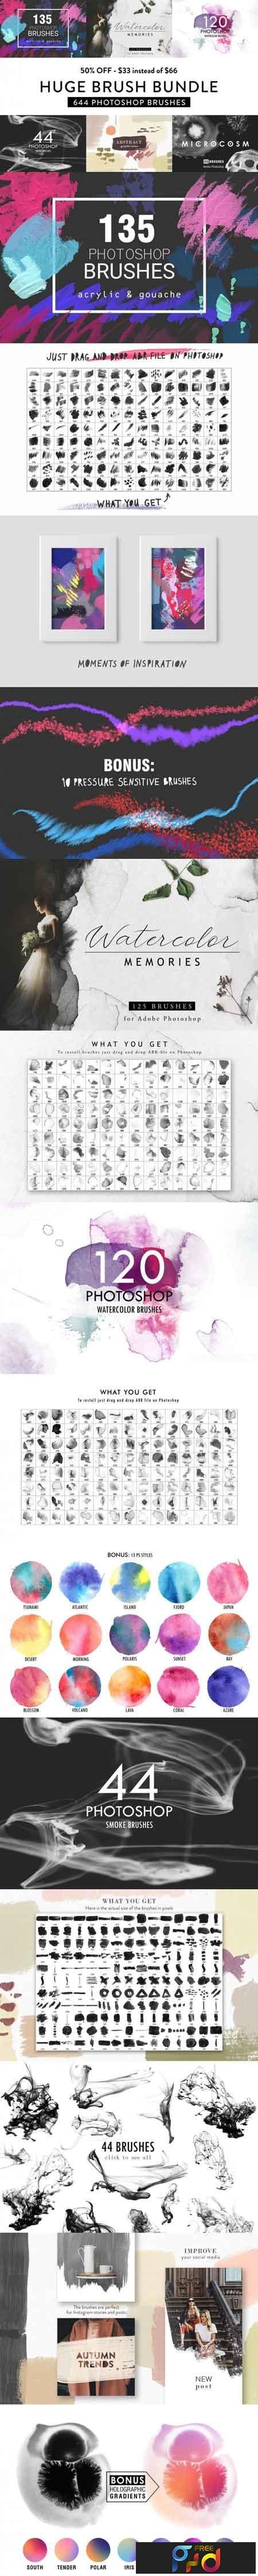 Photoshop Brush Bundle 3509672 1